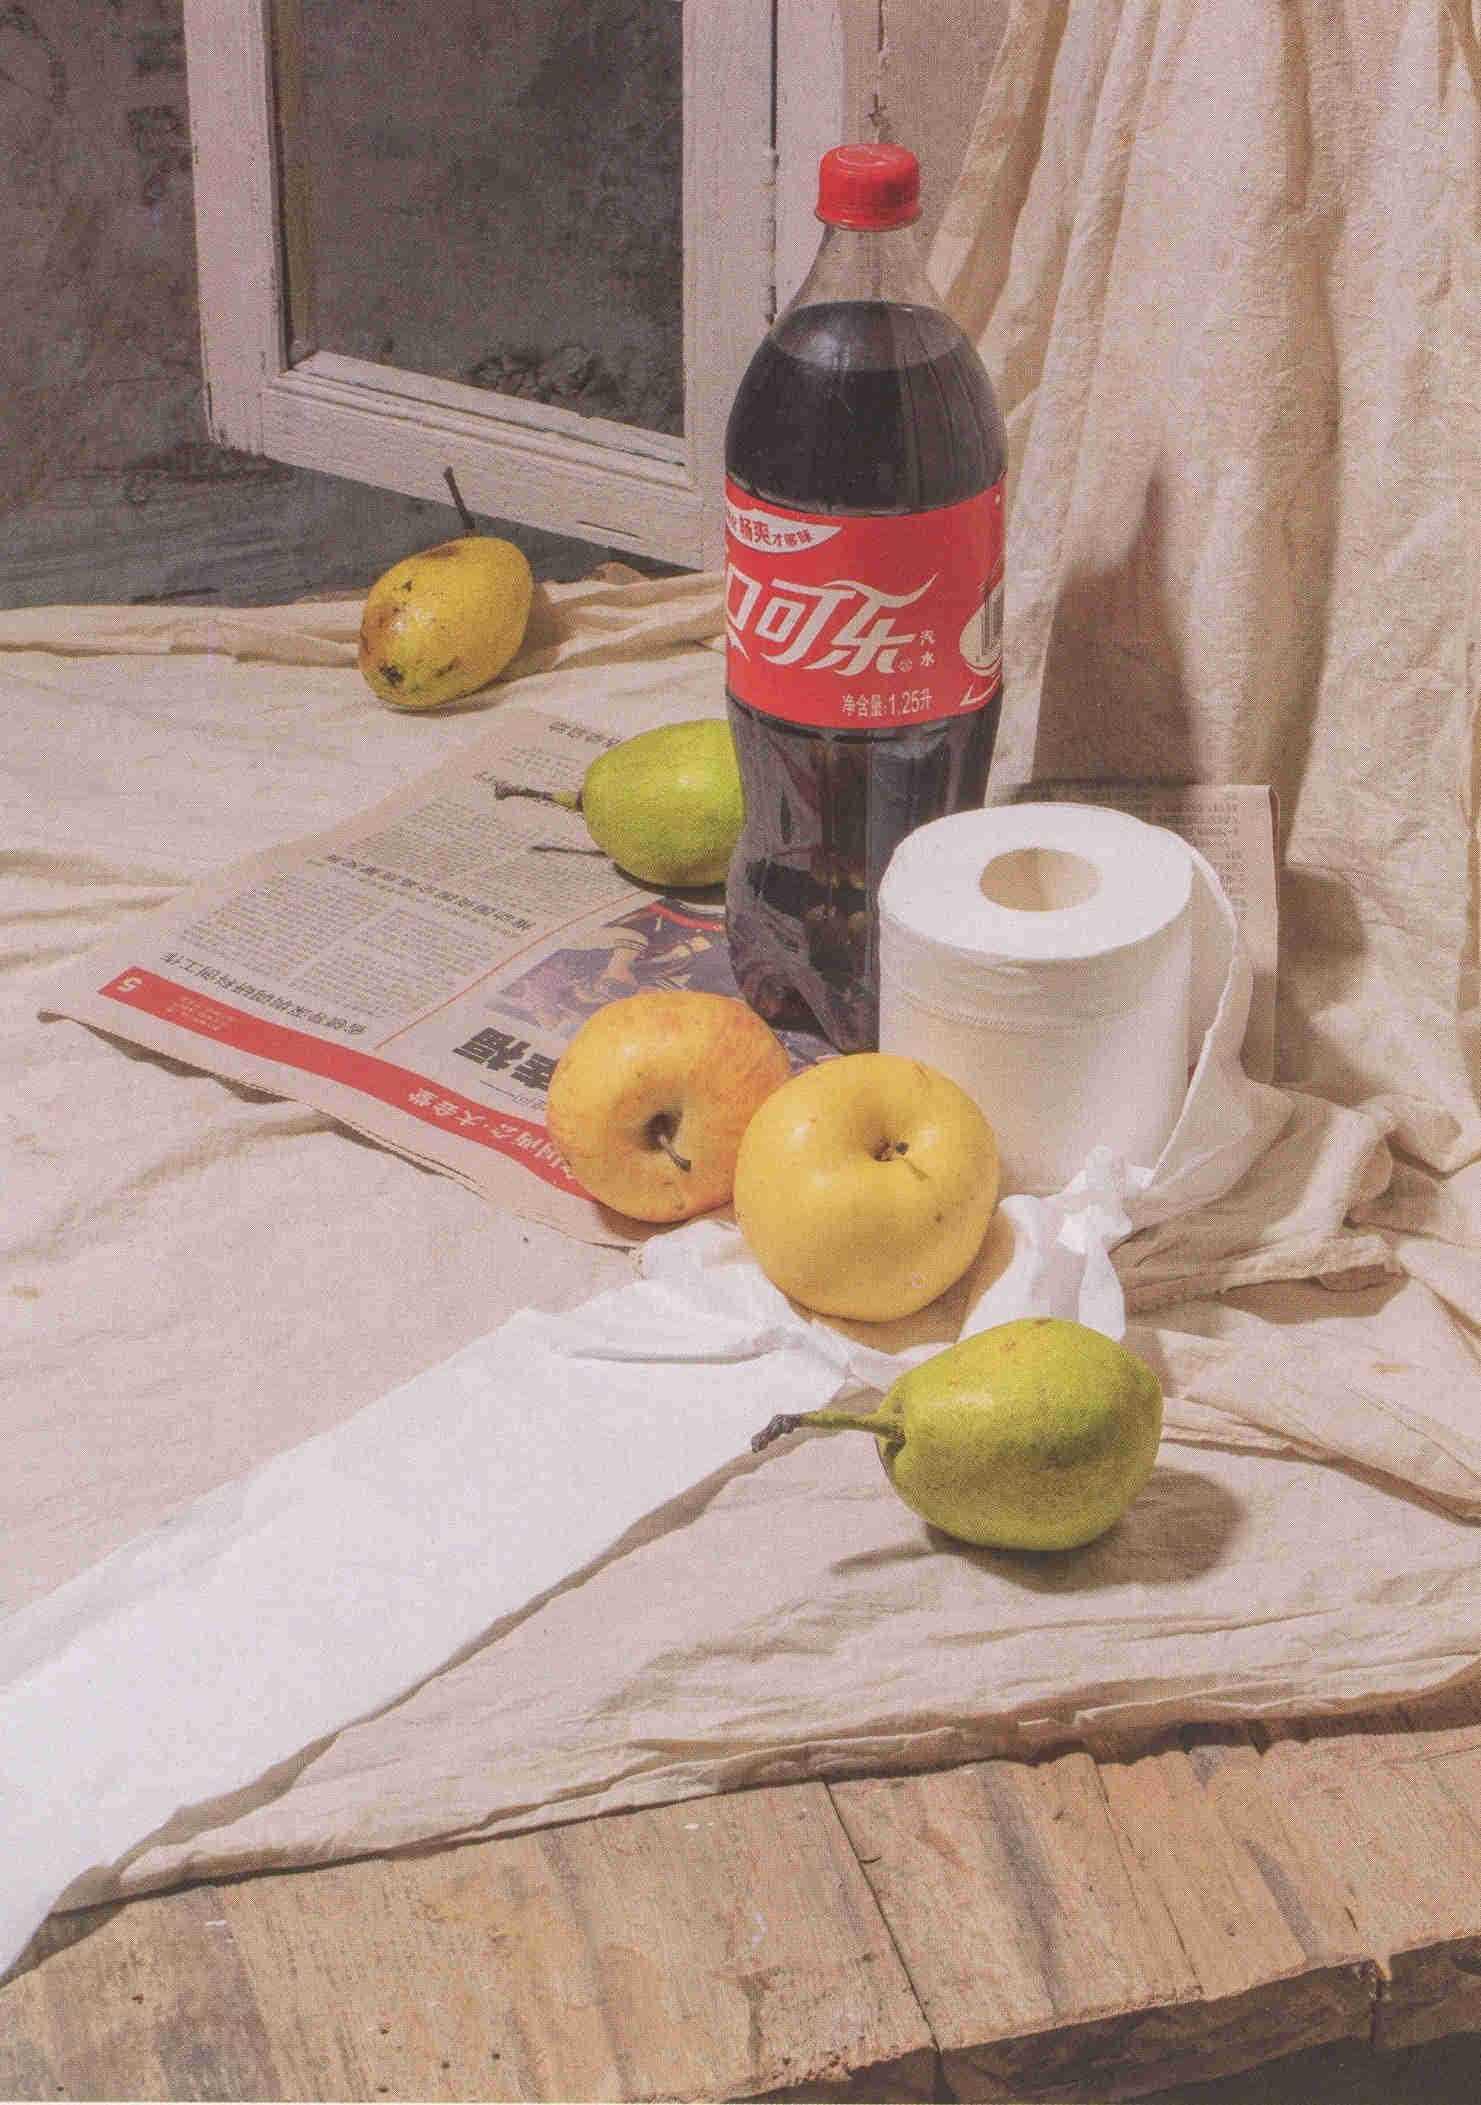 素描可口可乐瓶子、手纸、和梨子实物照片组合